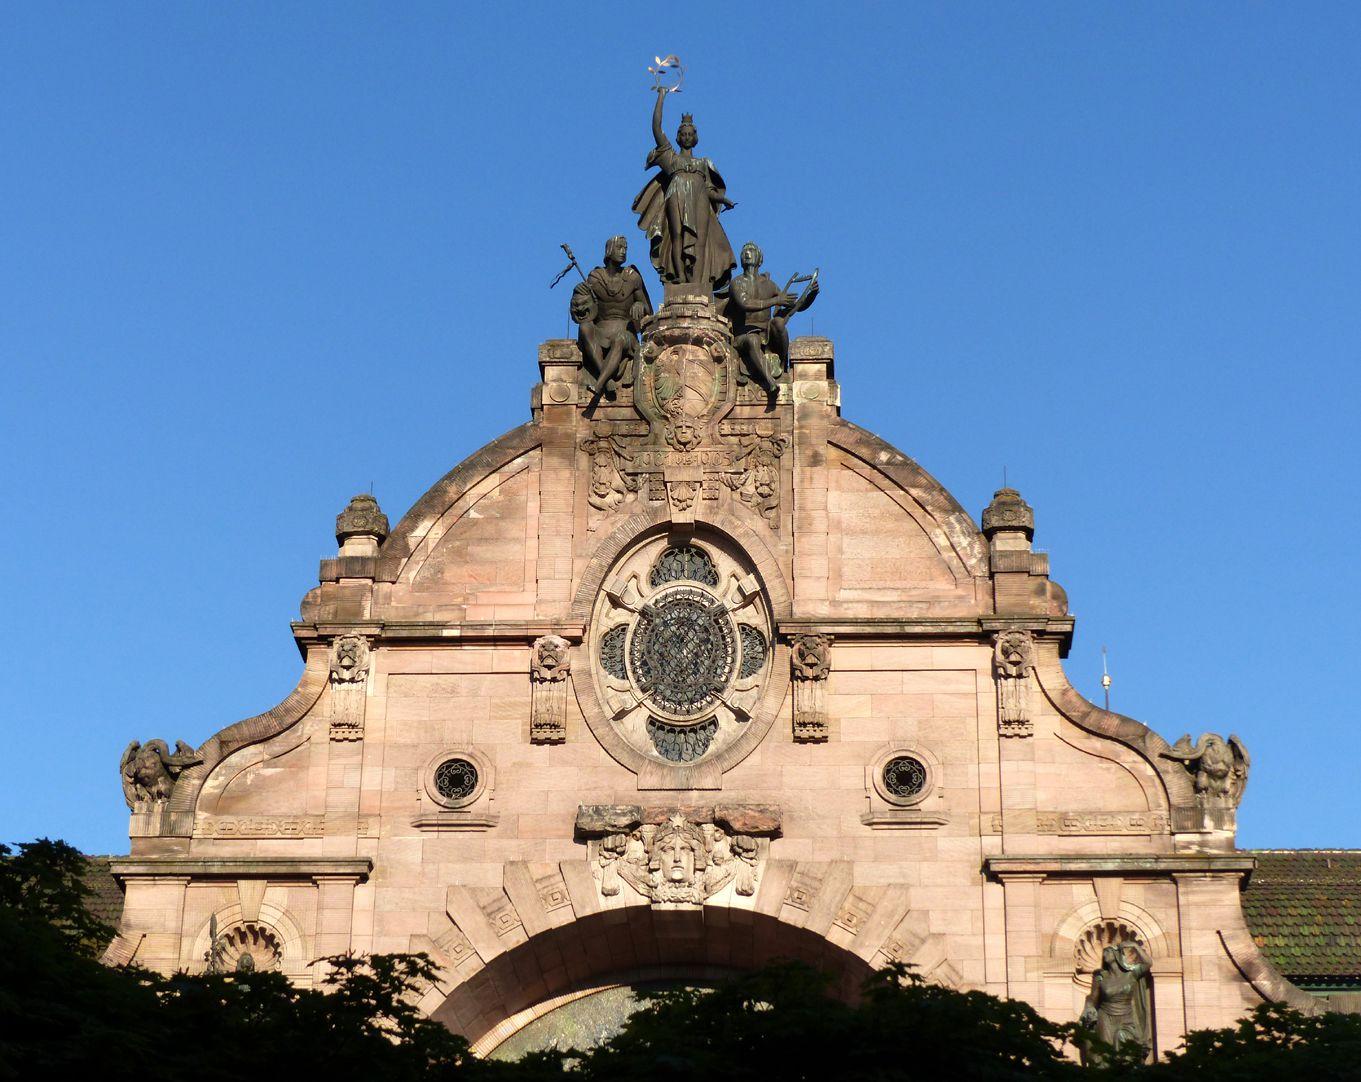 Opernhaus Oberteil des Hauptfassadengiebels